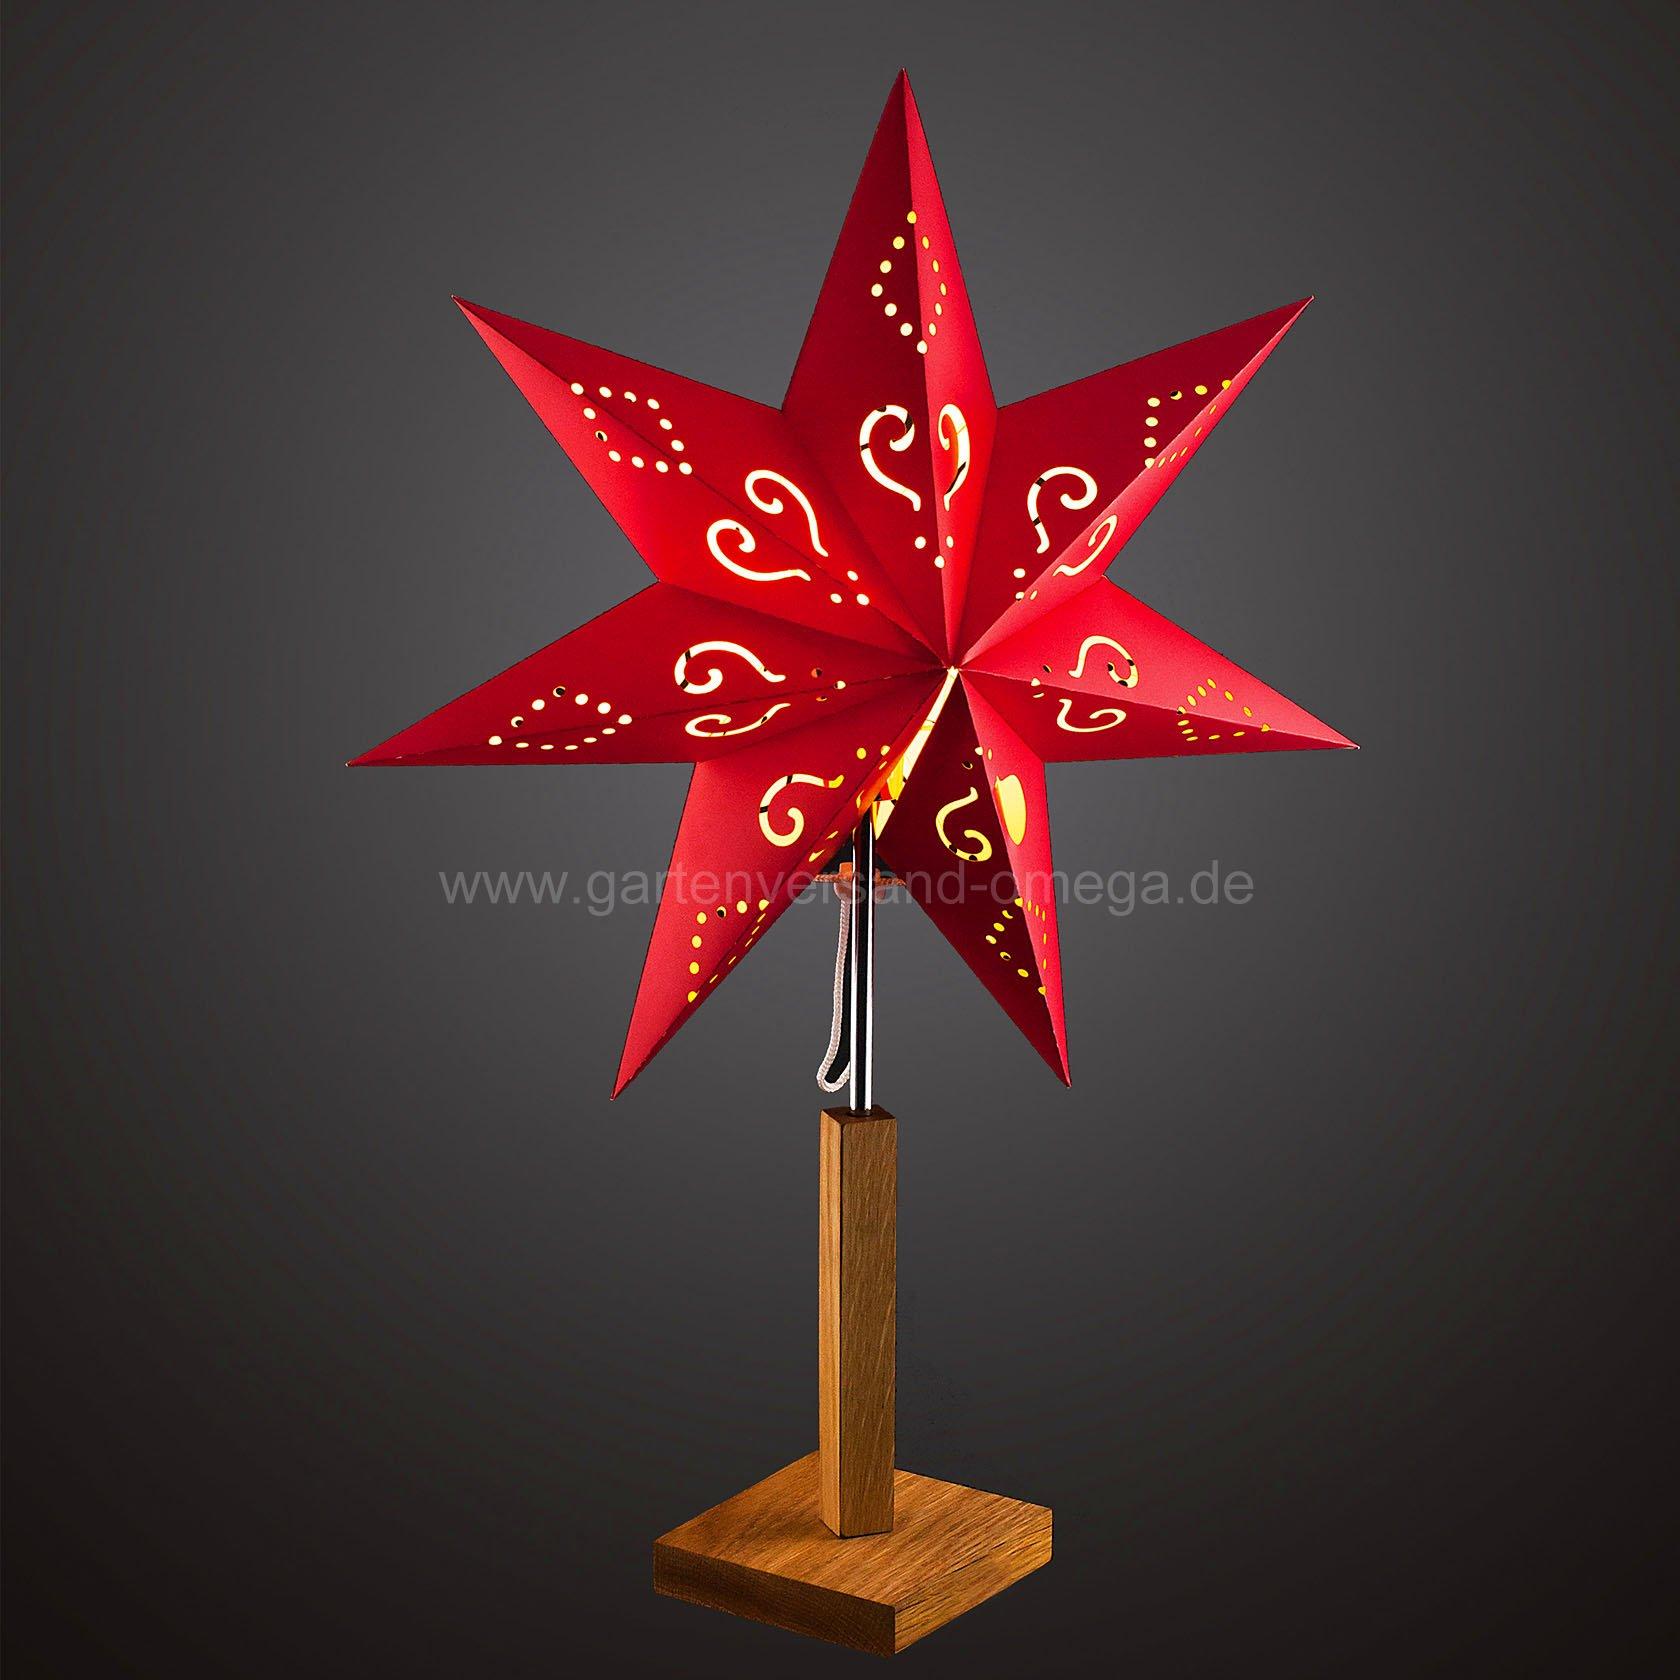 Papierstern Rot mit Holzstandfuß - Weihnachtsdekoration für den ...